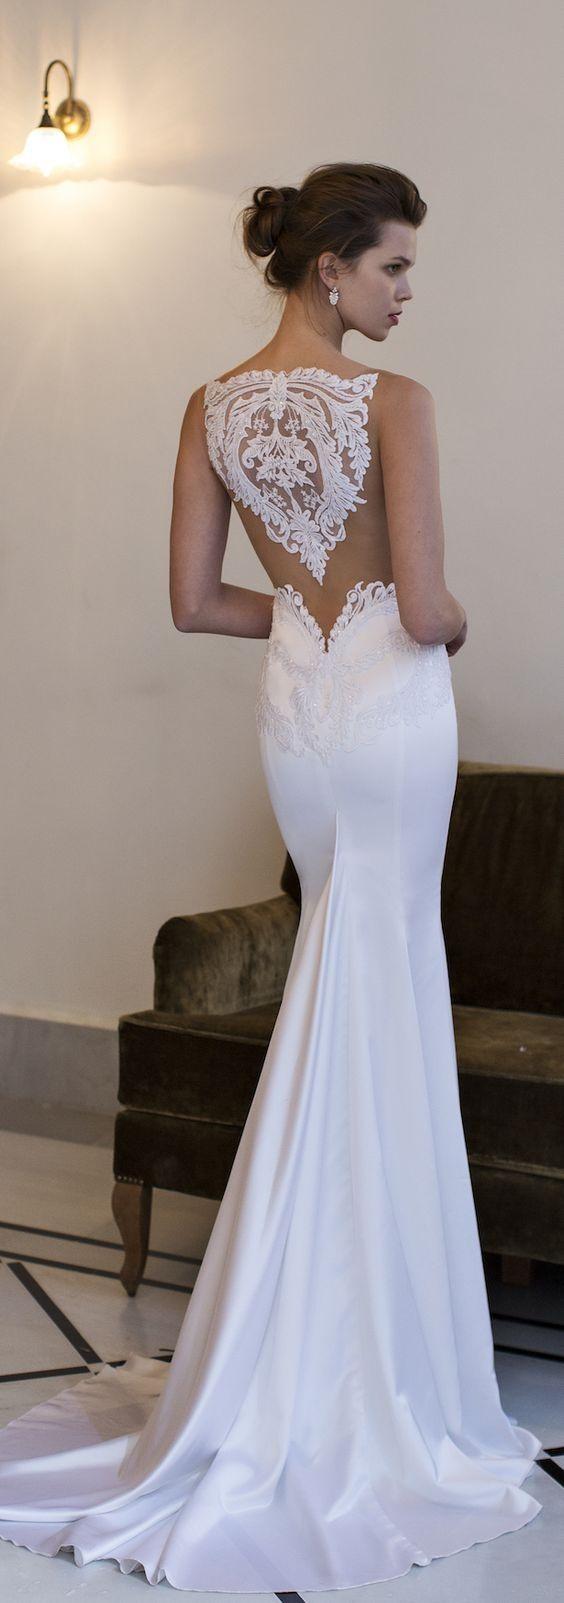 Jak przechowywać suknię ślubną?